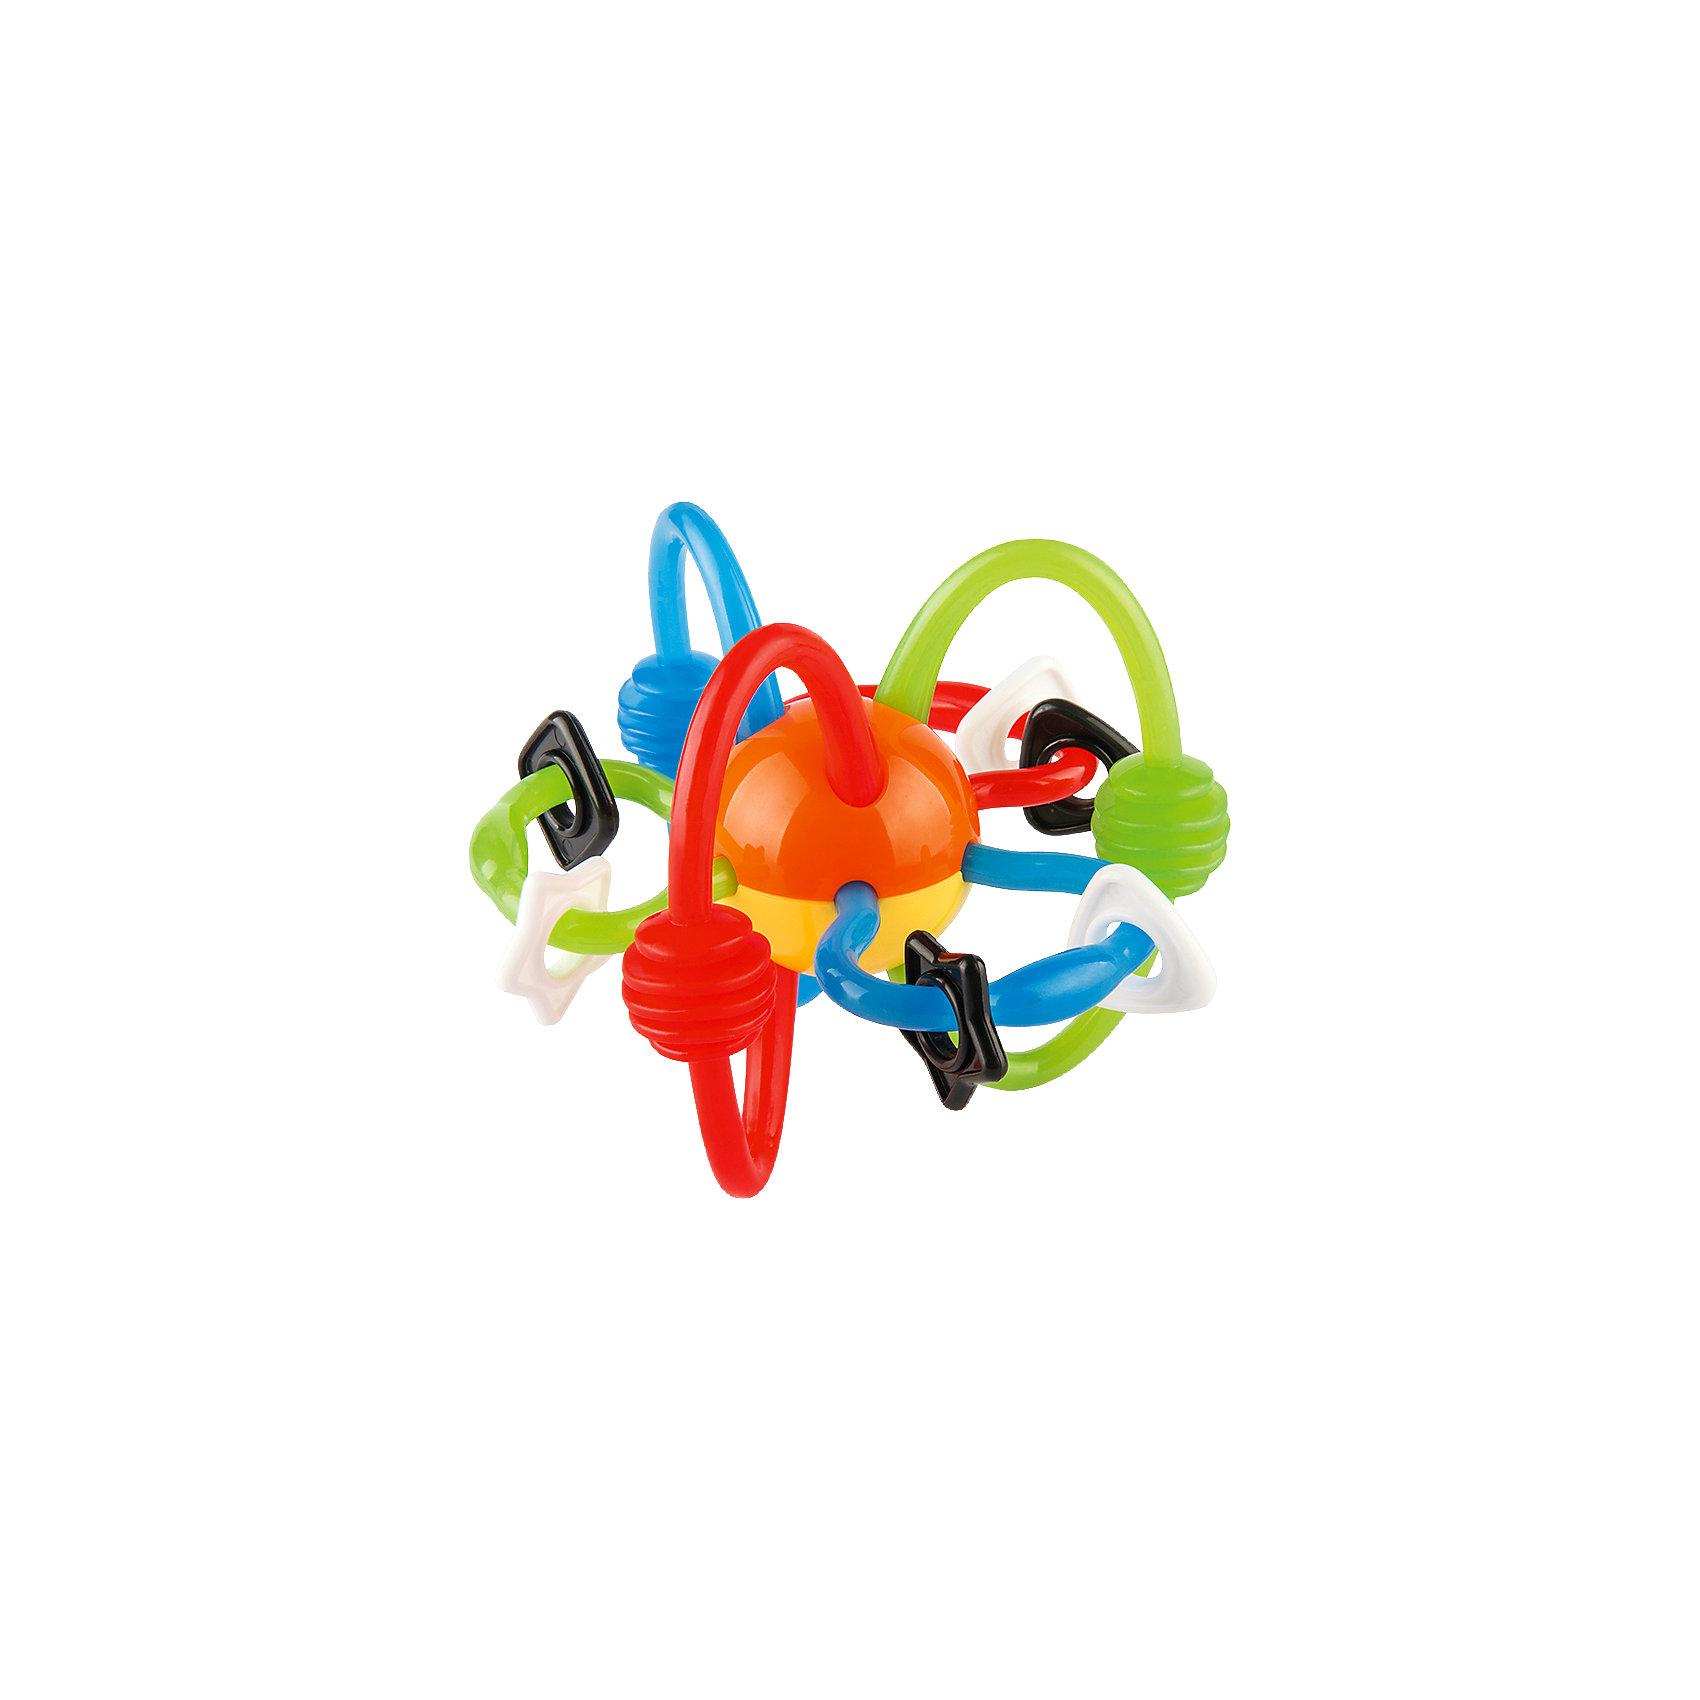 Игрушка Паучок, BkidsРазвивающие игрушки<br>Игрушка Паучок, Bkids (Б Кидс) - интересный прорезыватель, который можно использовать и как игрушку. Все детали Паучка забавно двигаются и помогут крохе забыть о болезненных ощущениях в период прорезывания зубов. Дуги, присоединенные к шару можно грызть. Игрушка развивает логику и пространственное мышление и отлично подойдет для самых маленьких.<br><br>Дополнительная информация:<br>Диаметр игрушки: 16 см<br>Размер упаковки: 10,16х11,43 см<br><br>Игрушку Паучок, Bkids (Б Кидс) можно купить в нашем интернет-магазине.<br><br>Ширина мм: 170<br>Глубина мм: 93<br>Высота мм: 125<br>Вес г: 67<br>Возраст от месяцев: 0<br>Возраст до месяцев: 12<br>Пол: Унисекс<br>Возраст: Детский<br>SKU: 4159345